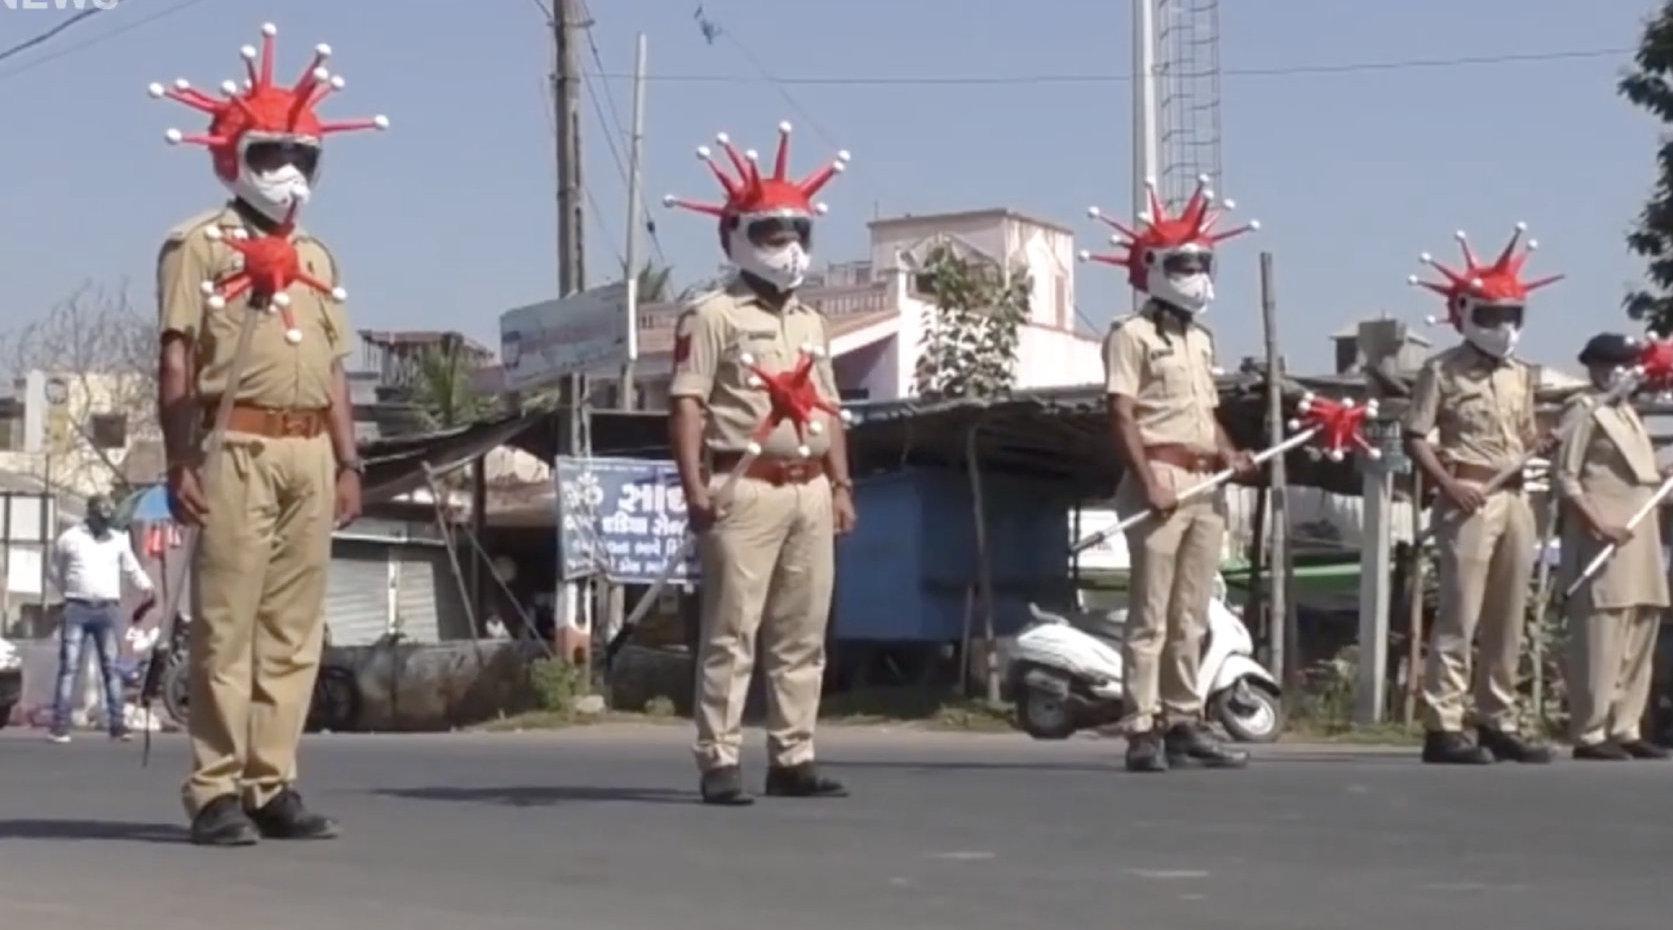 魔幻!为劝阻民众少出门,印度警察cos新冠病毒上街巡逻